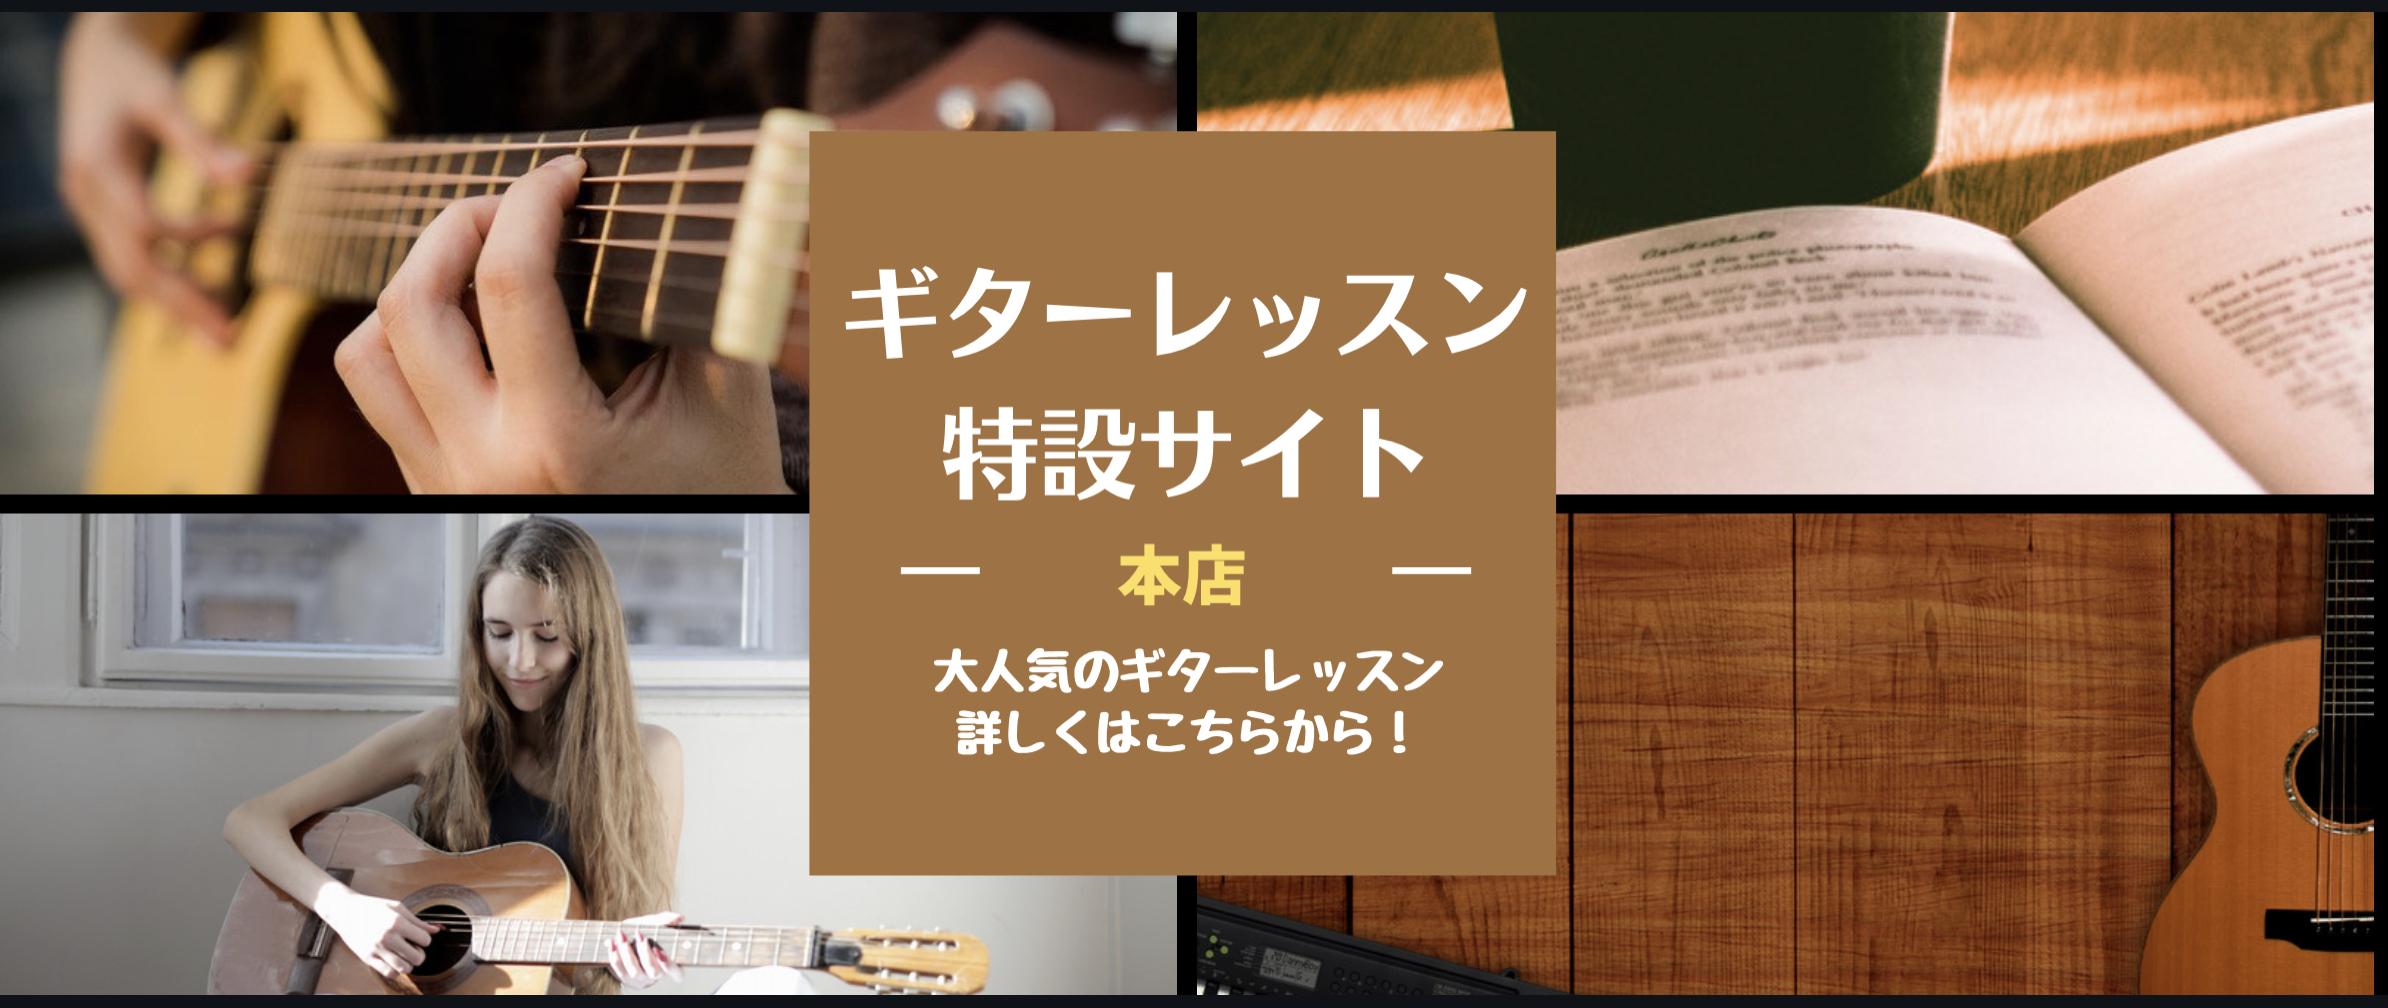 ギターレッスン特設サイト